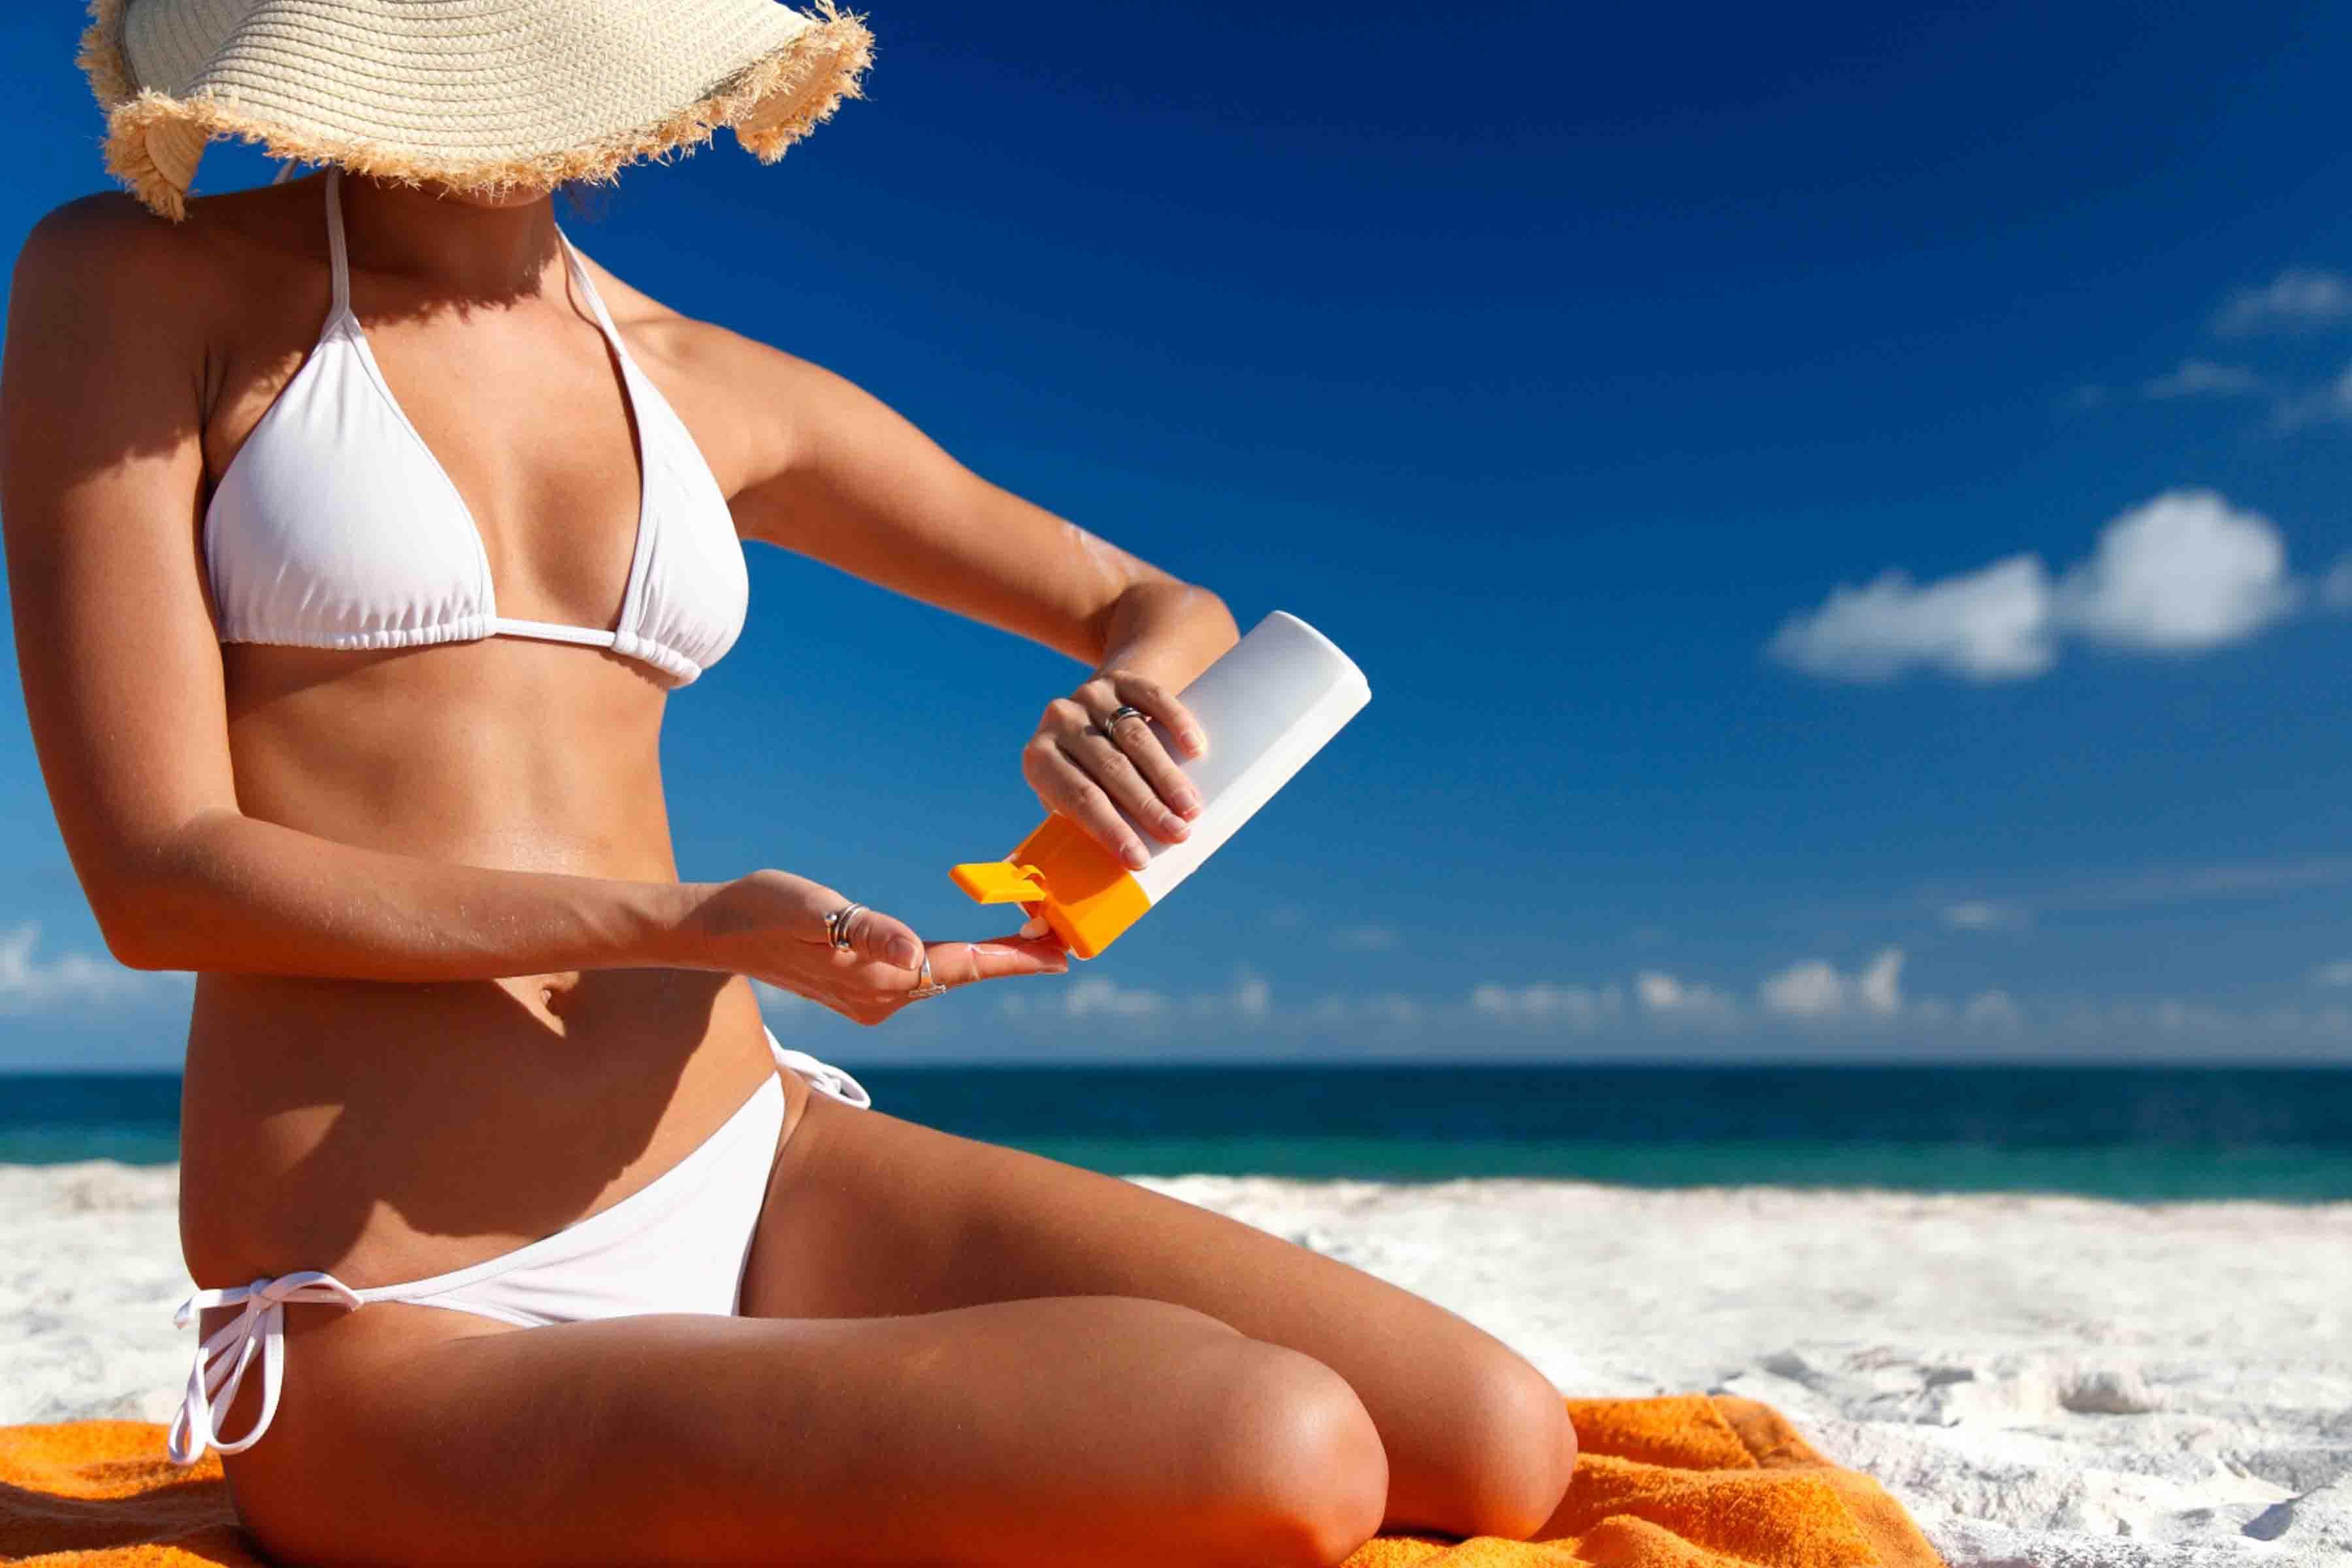 Bạn nên thoa kem chống nắng trước 30 phút khi ra ngoài